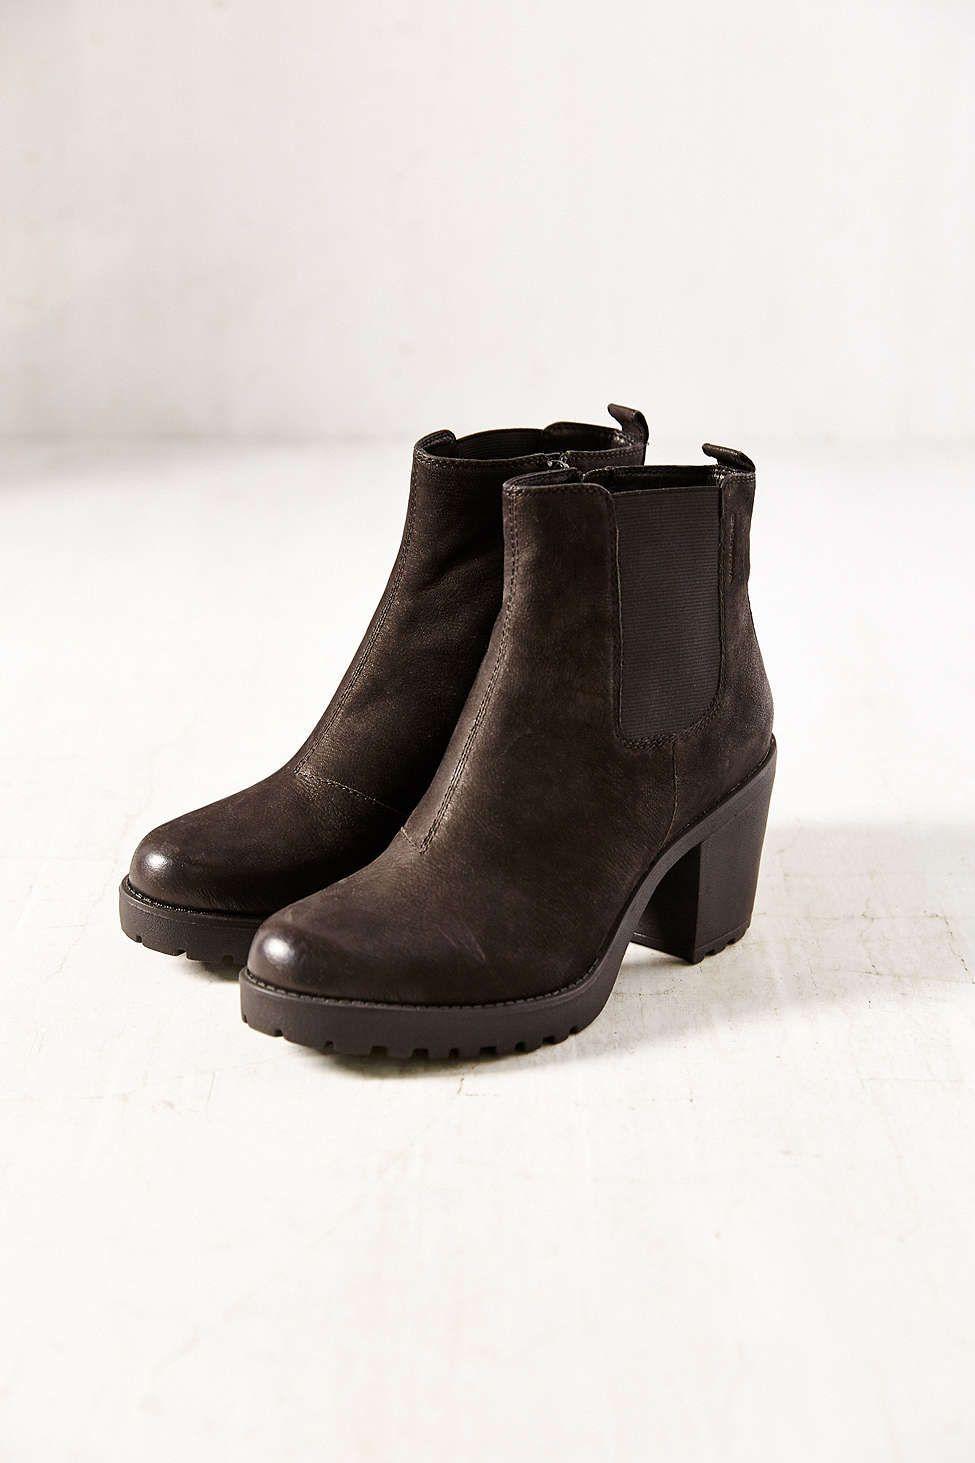 6883e50f87a8 Vagabond Shoemakers Grace Platform Ankle Boot   shoes   Pinterest ...